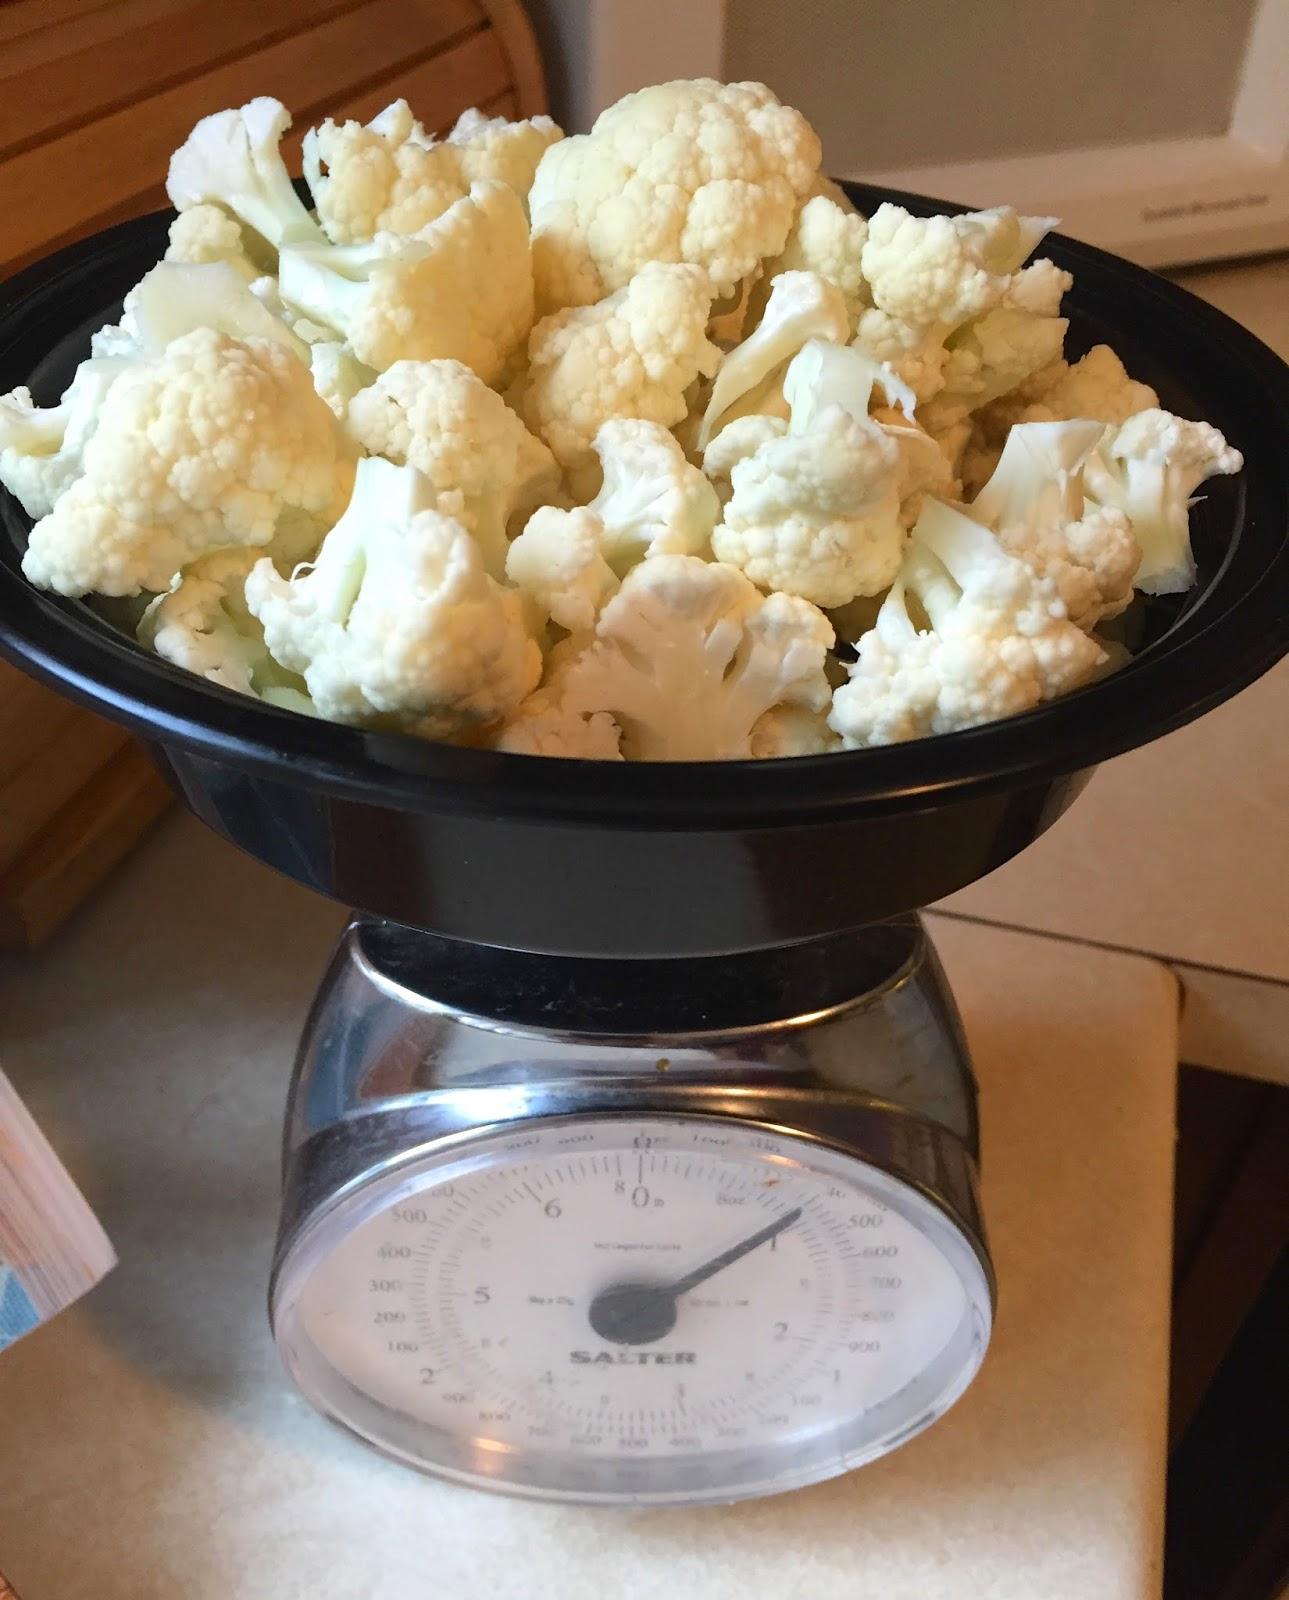 Cauliflower on a Kitchen Scale